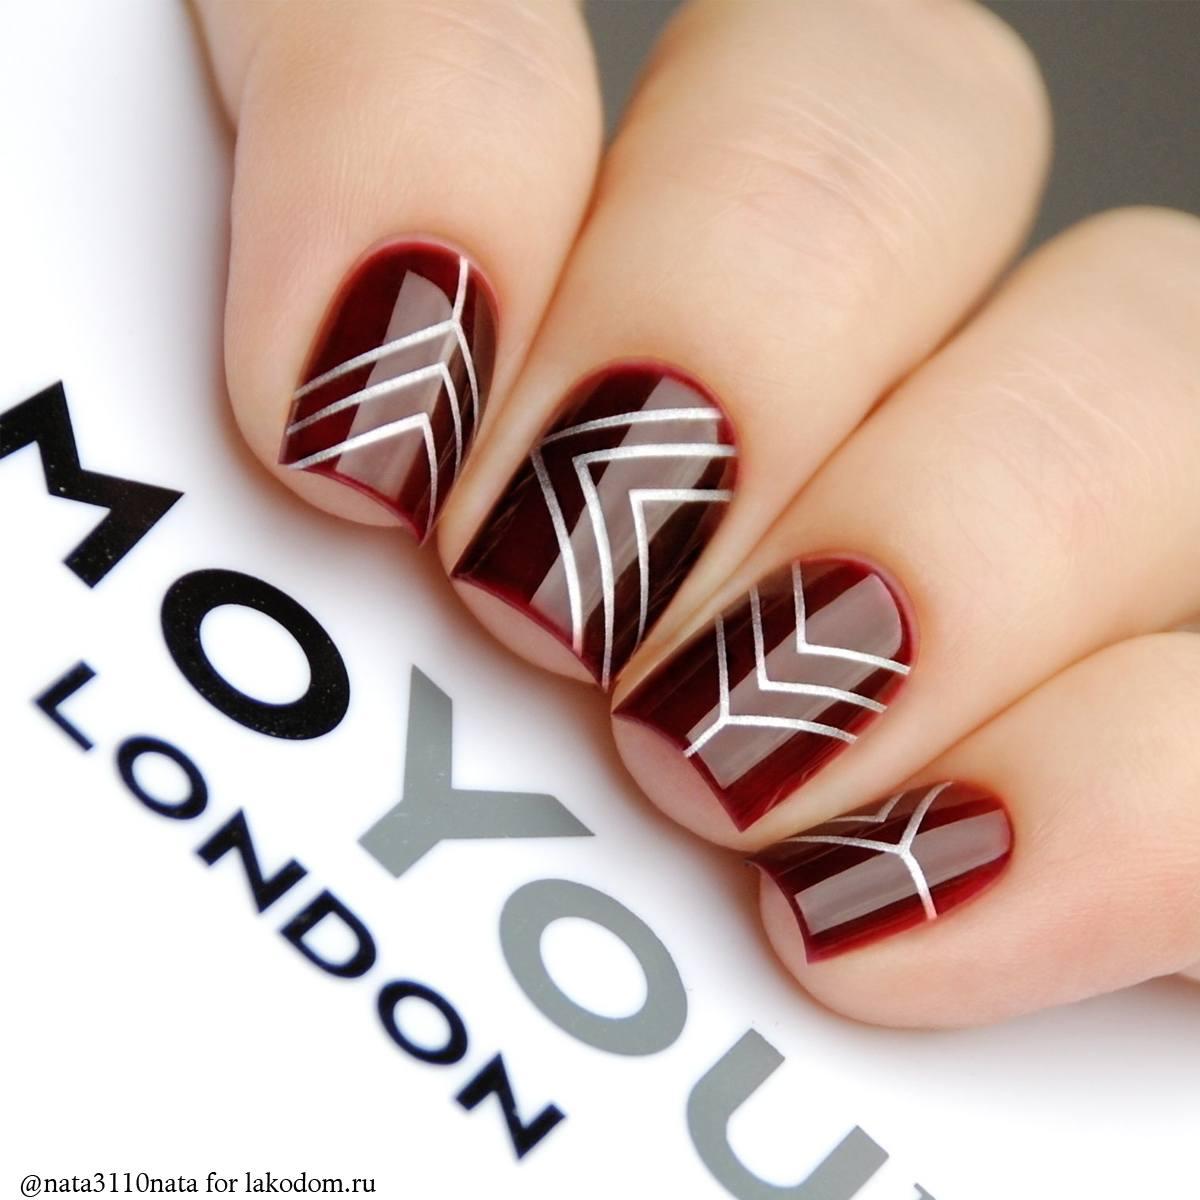 Геометрический маникюр - фото идей дизайна ногтей - Best 65